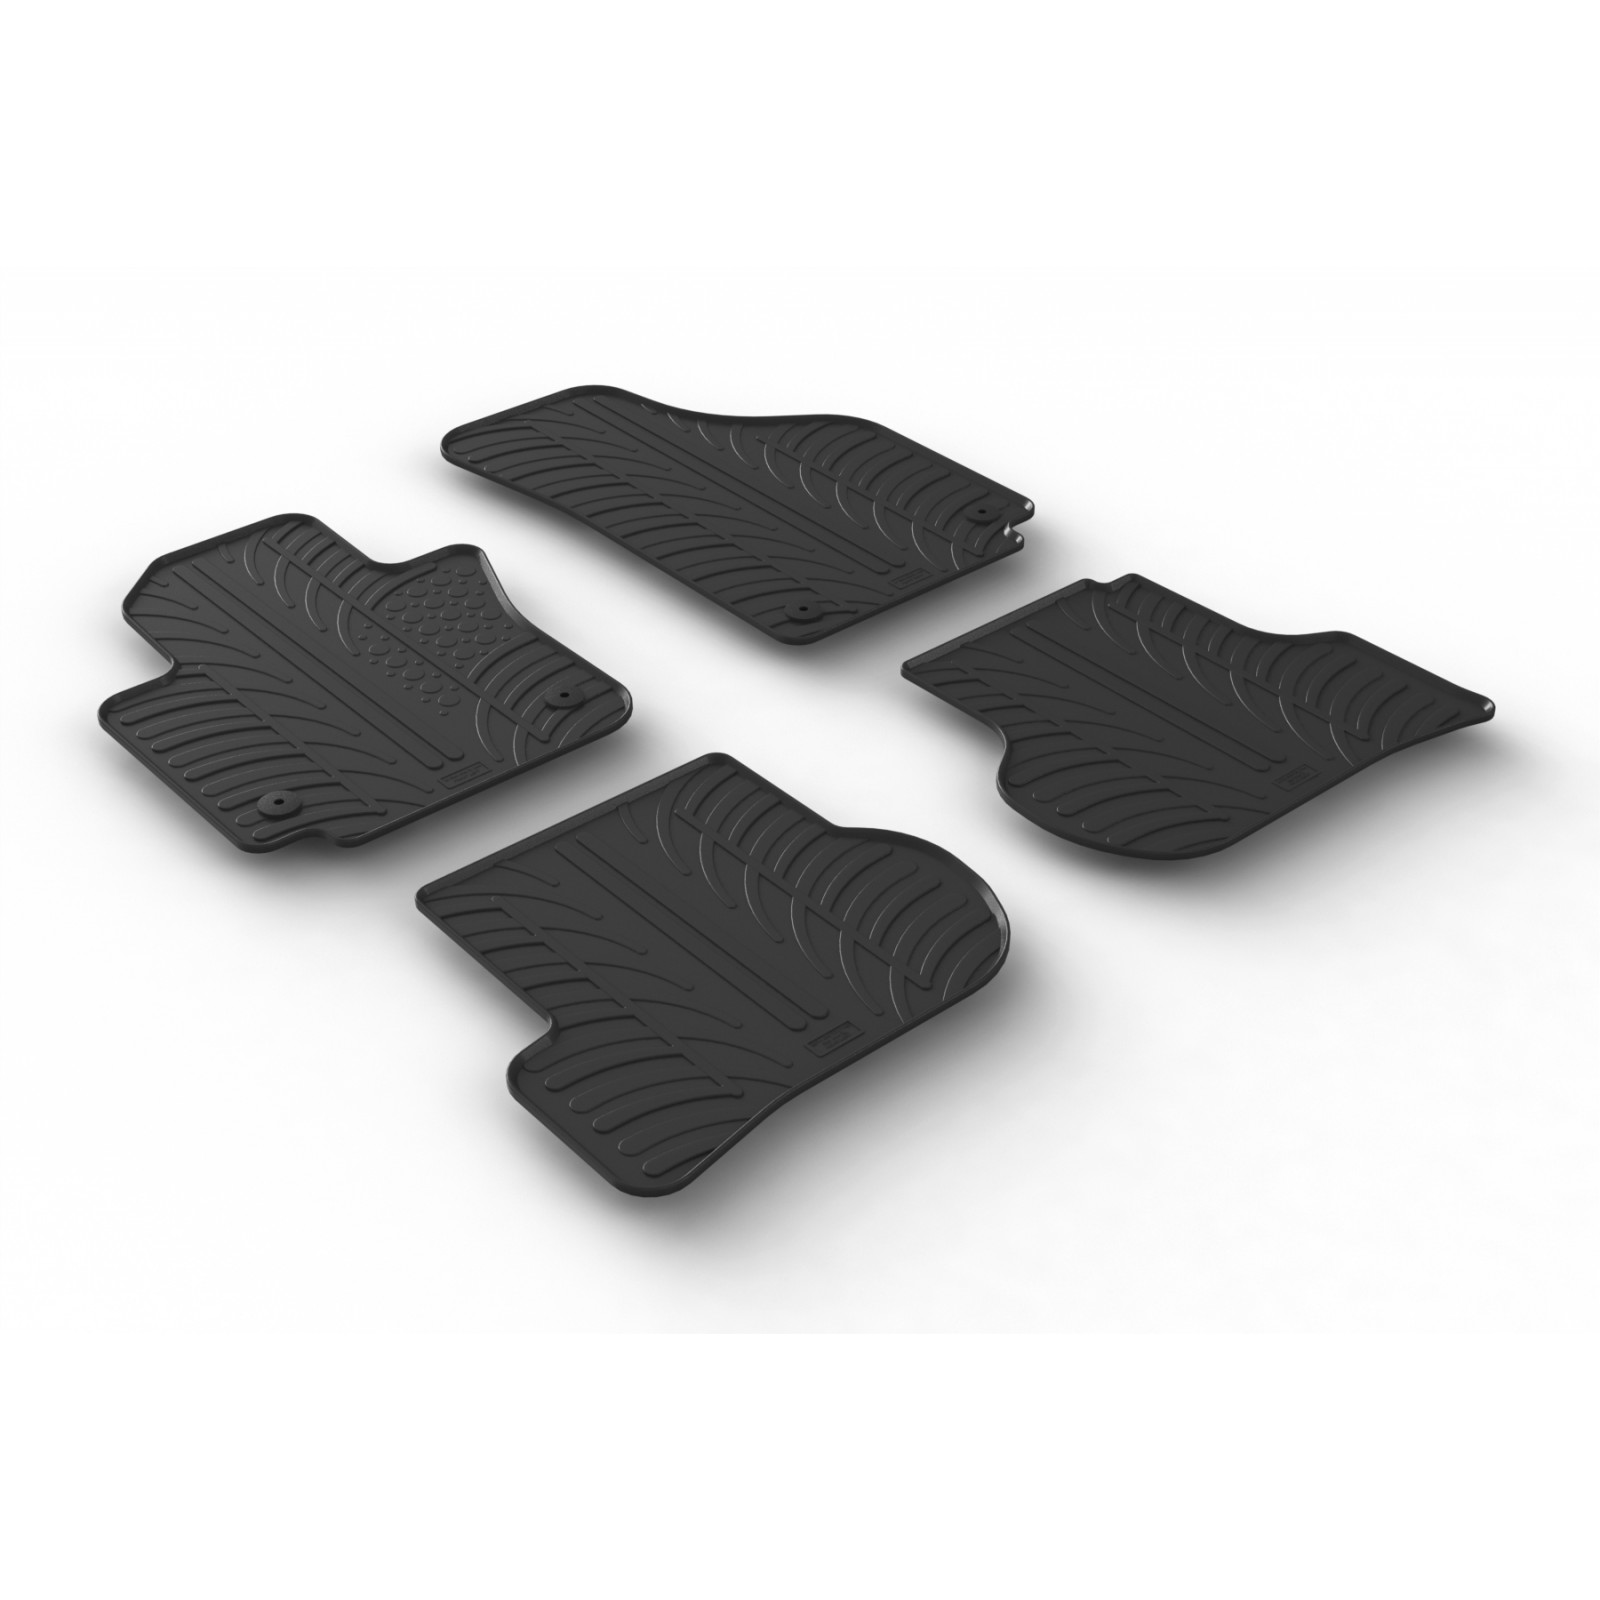 tapis en caoutchouc pour volkswagen golf vi plus. Black Bedroom Furniture Sets. Home Design Ideas